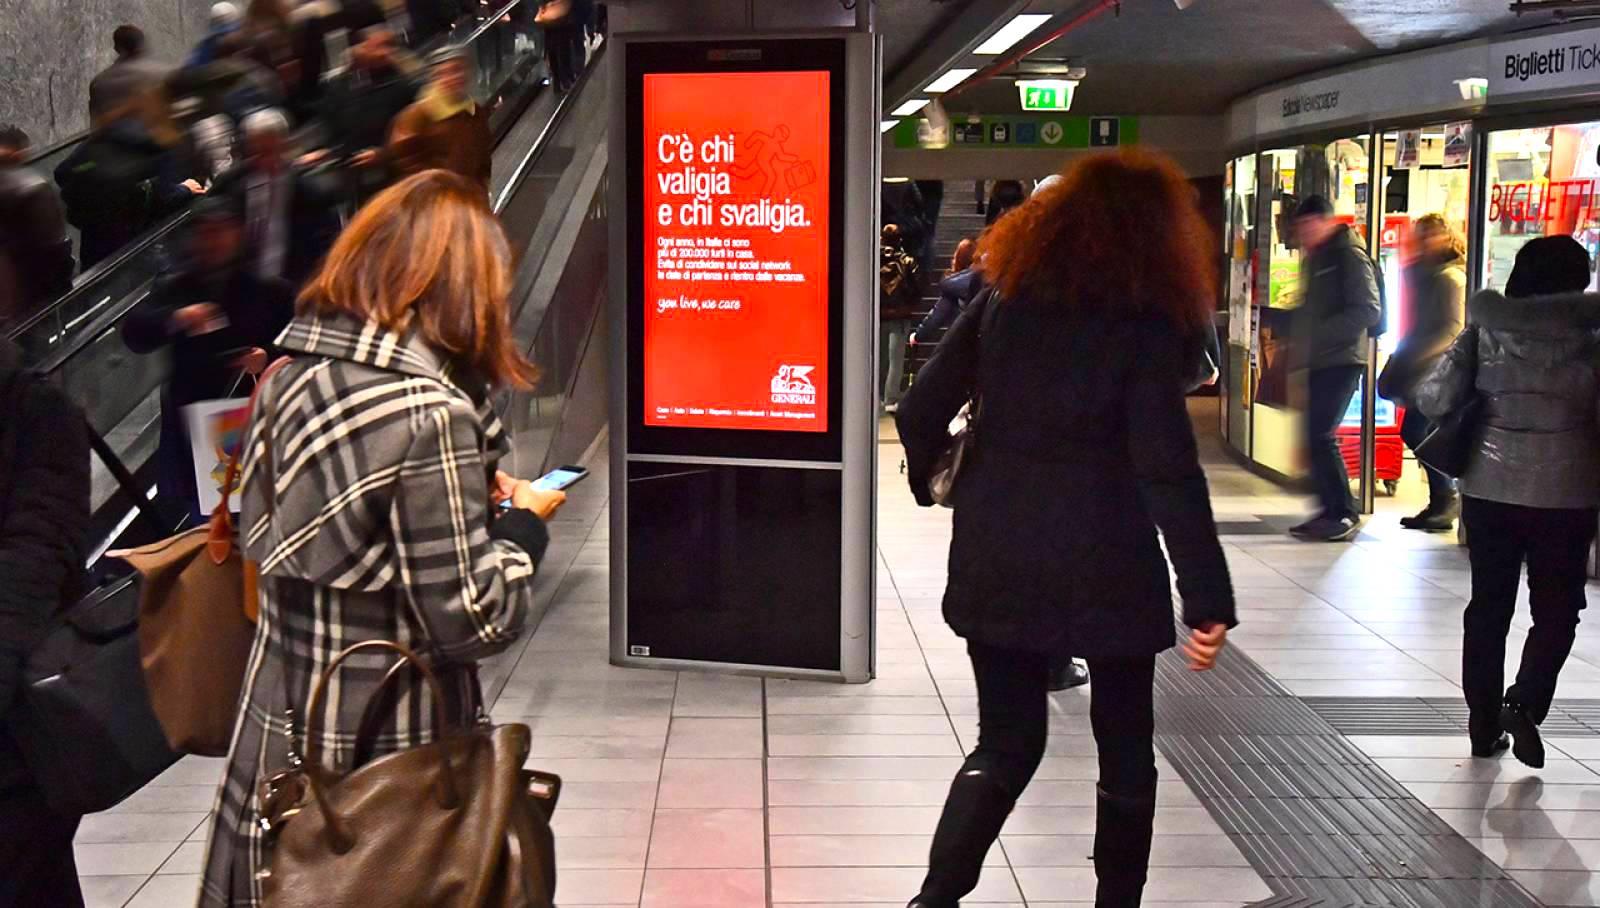 Pubblicità metro Milano IGPDecaux circuito digital per Generali